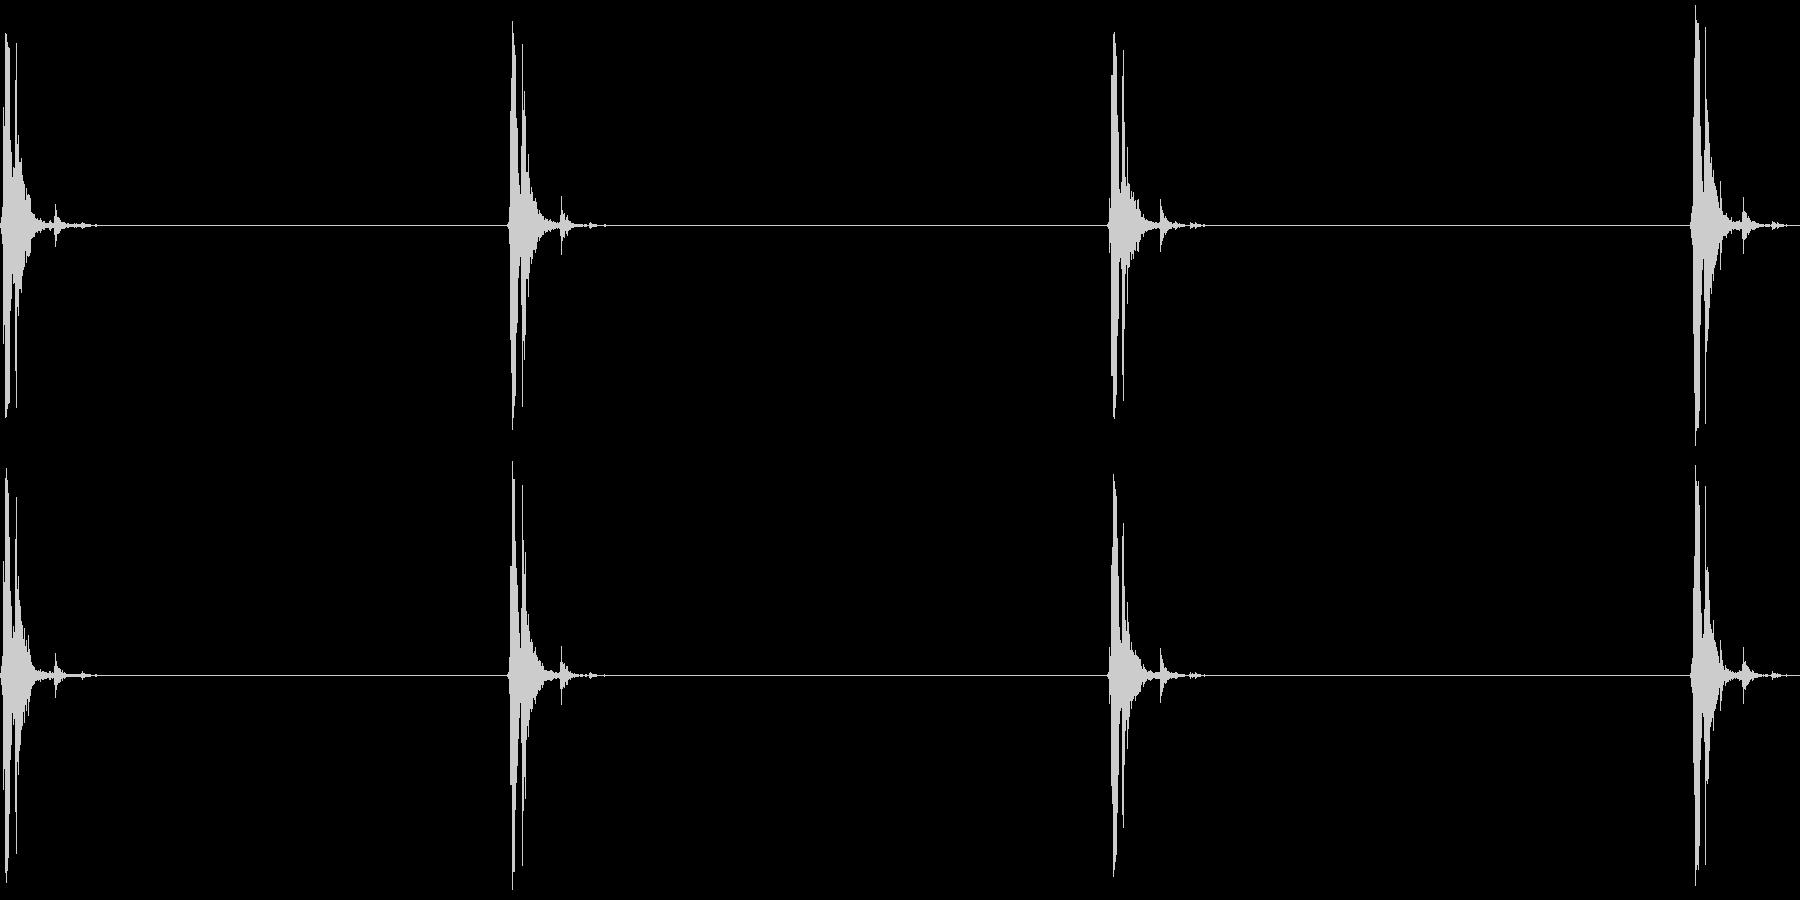 電気ステープルガン:いくつかのショ...の未再生の波形